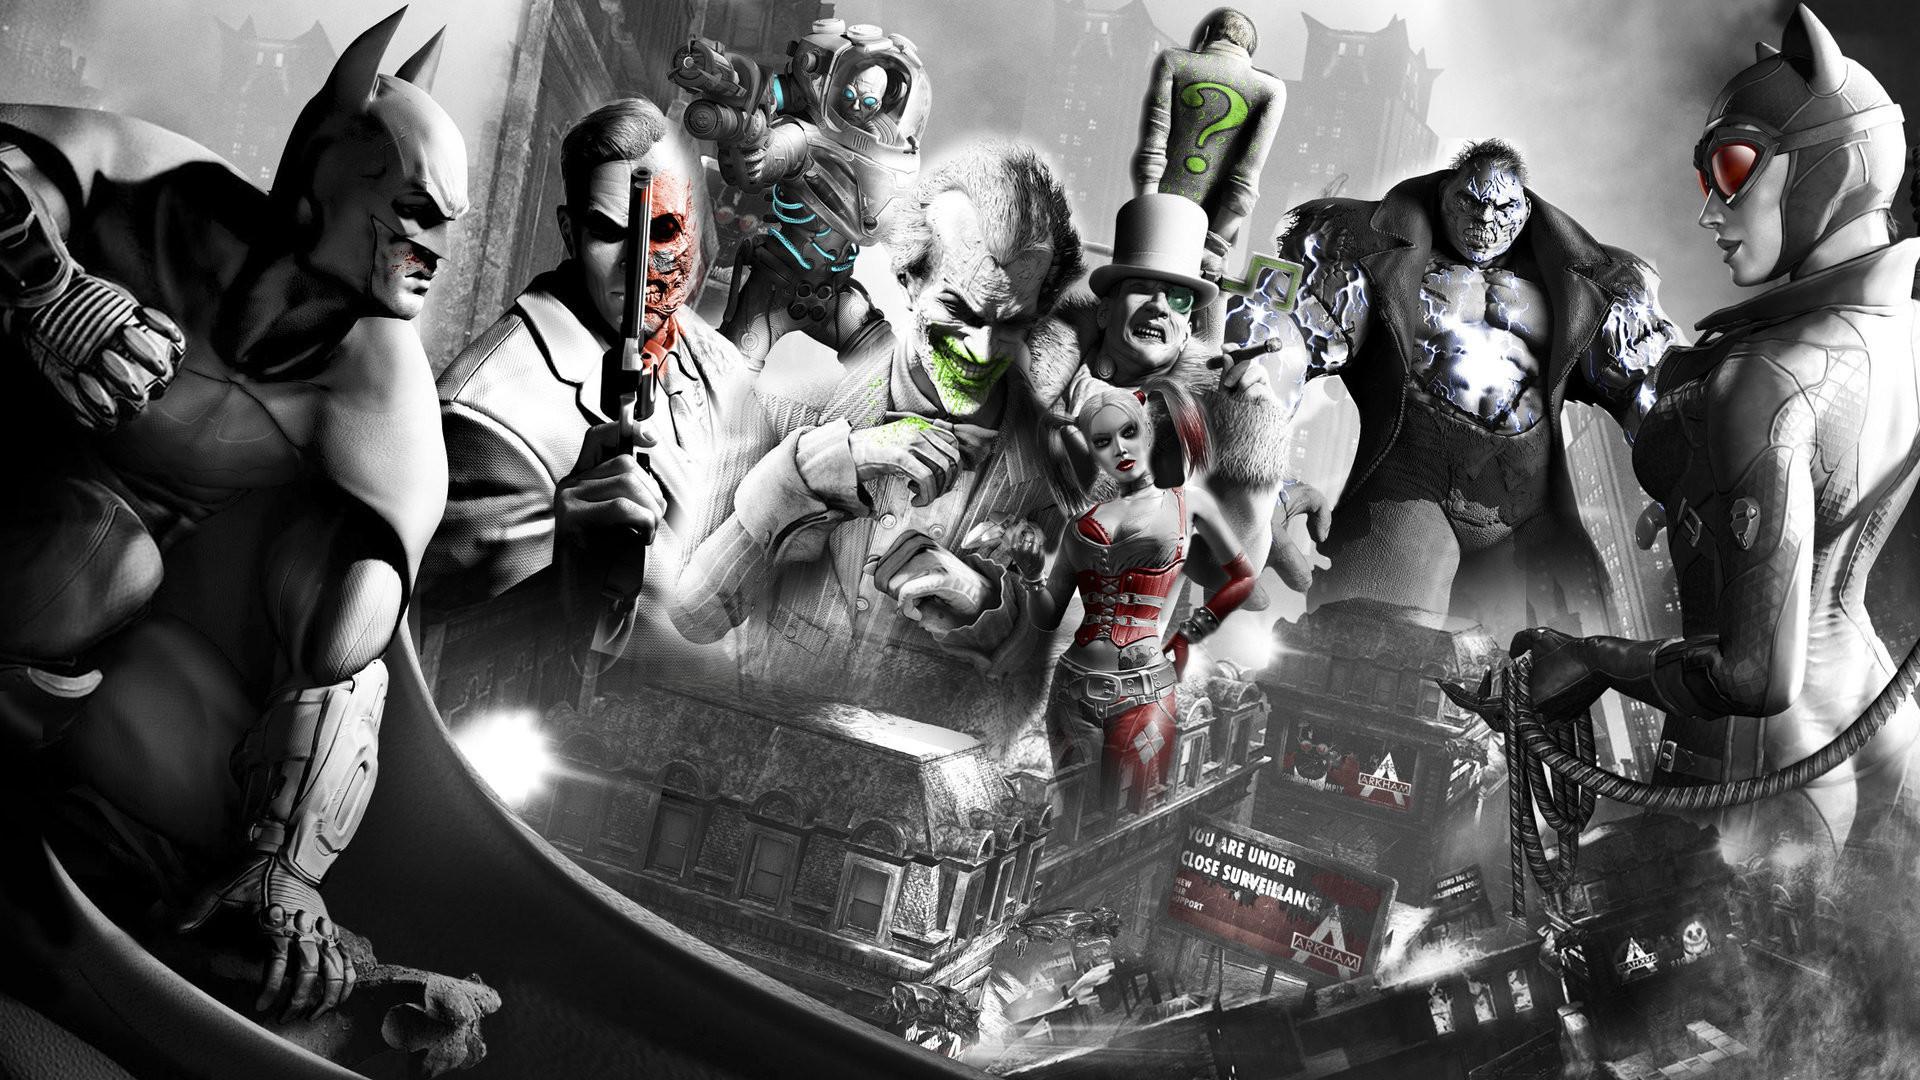 batman video games guns red the joker superheroes harley quinn catwoman  whips villains grayscale mon – Art Monochrome HD Desktop Wallpaper